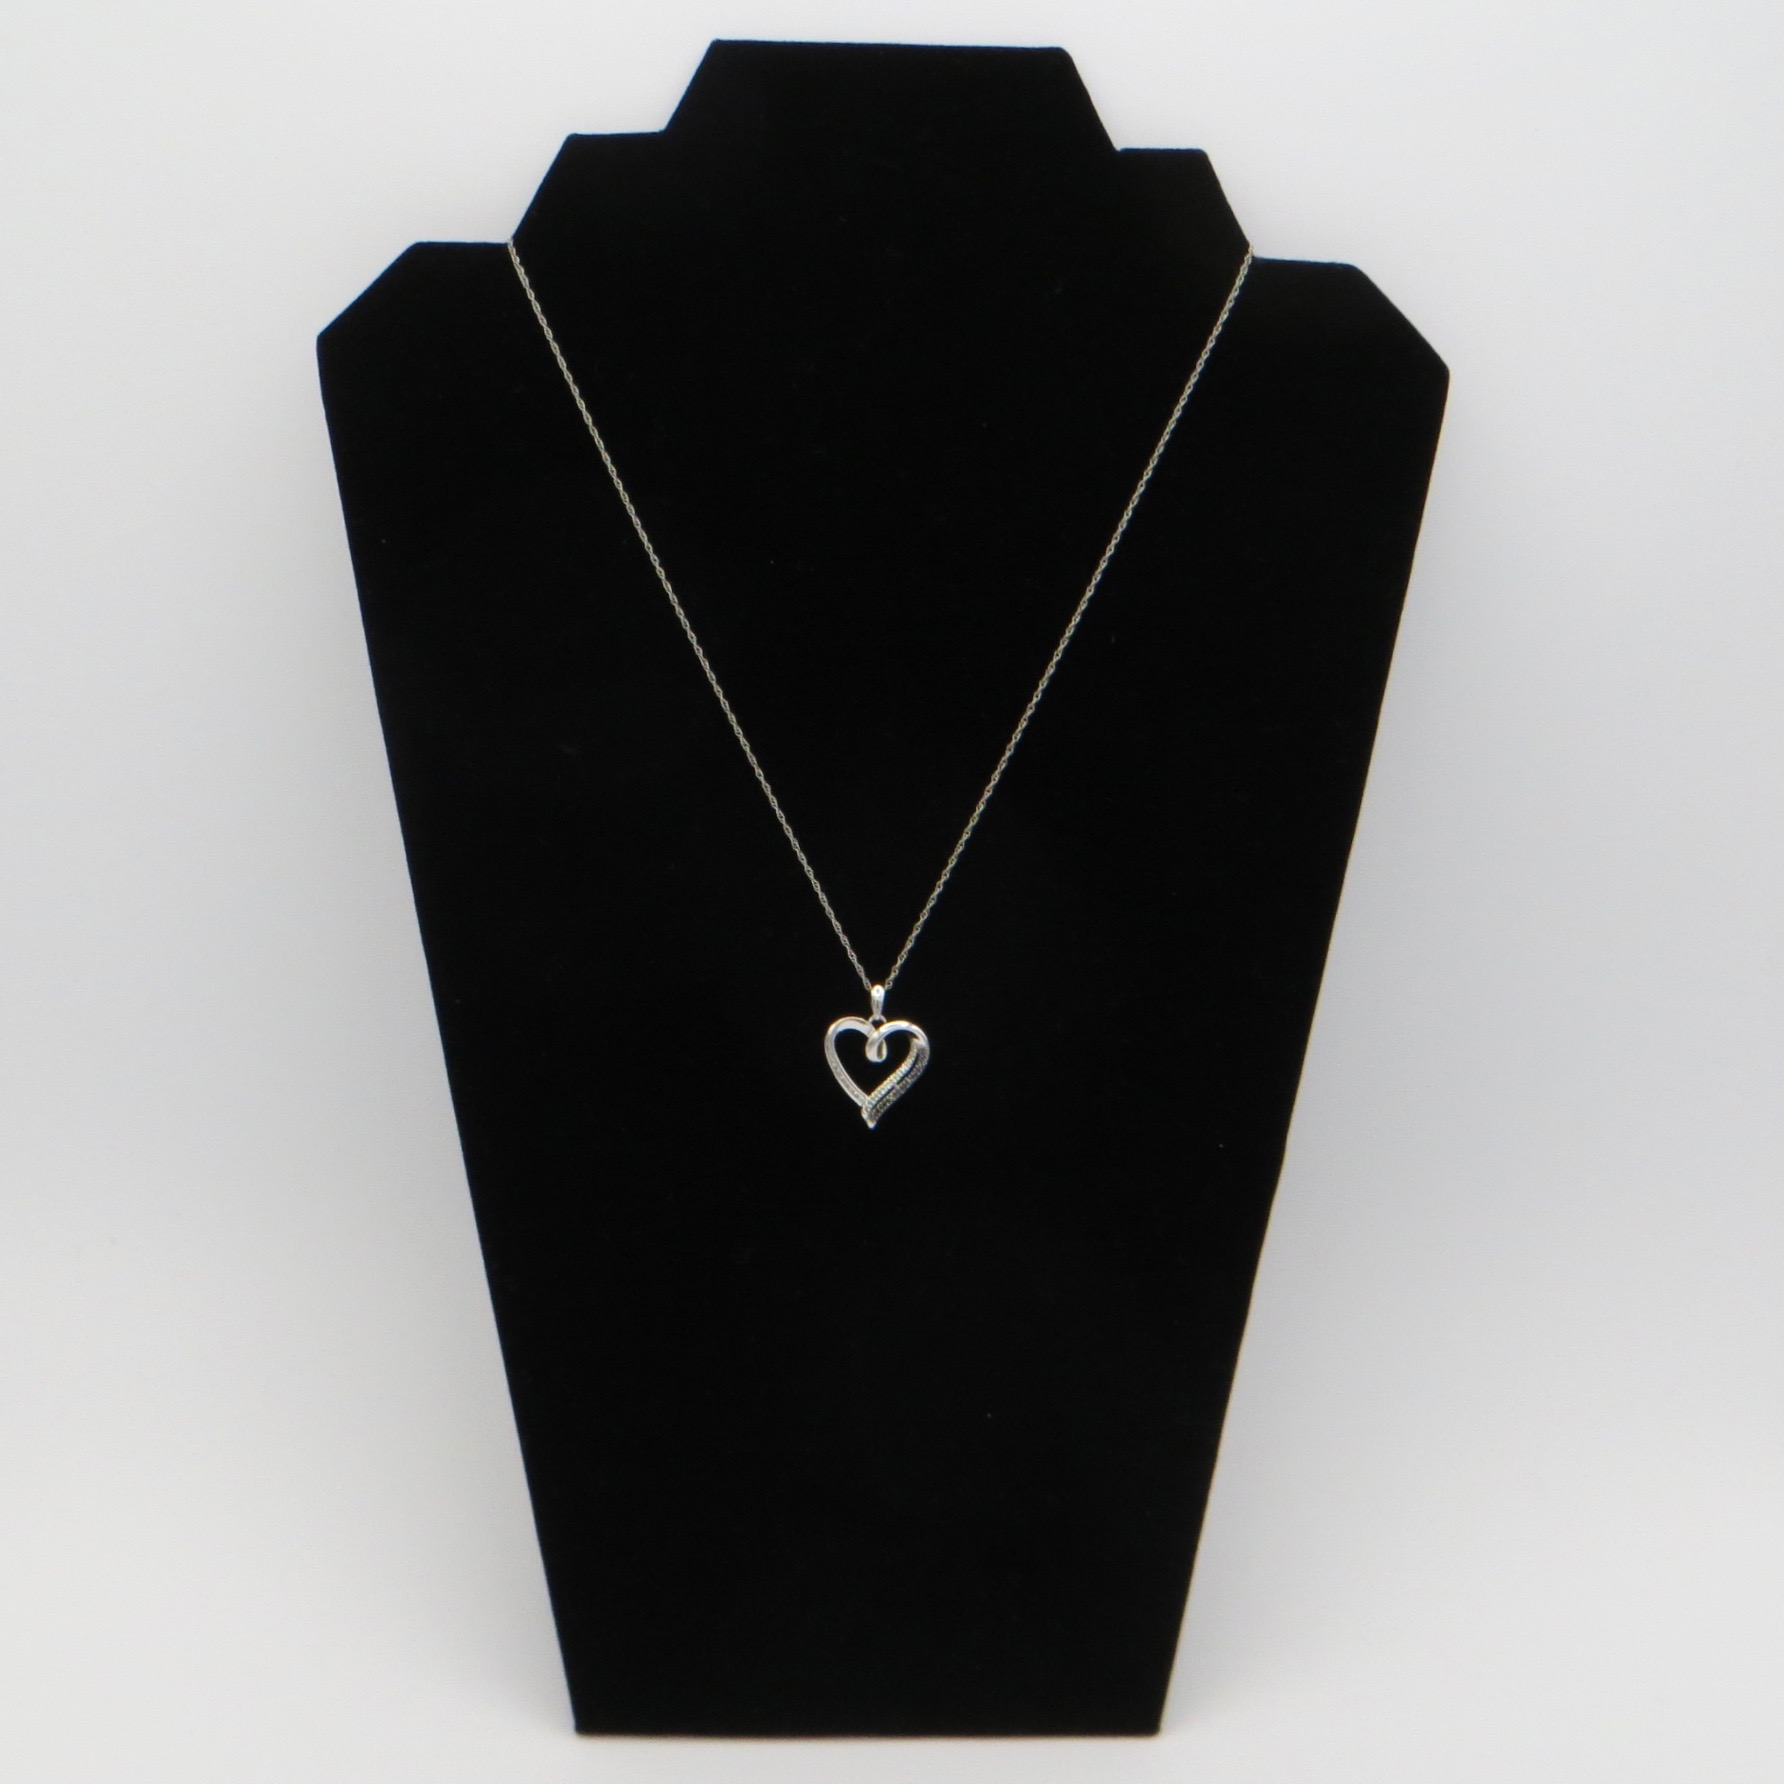 Dark & Light Silver & Crystal Heart Necklace